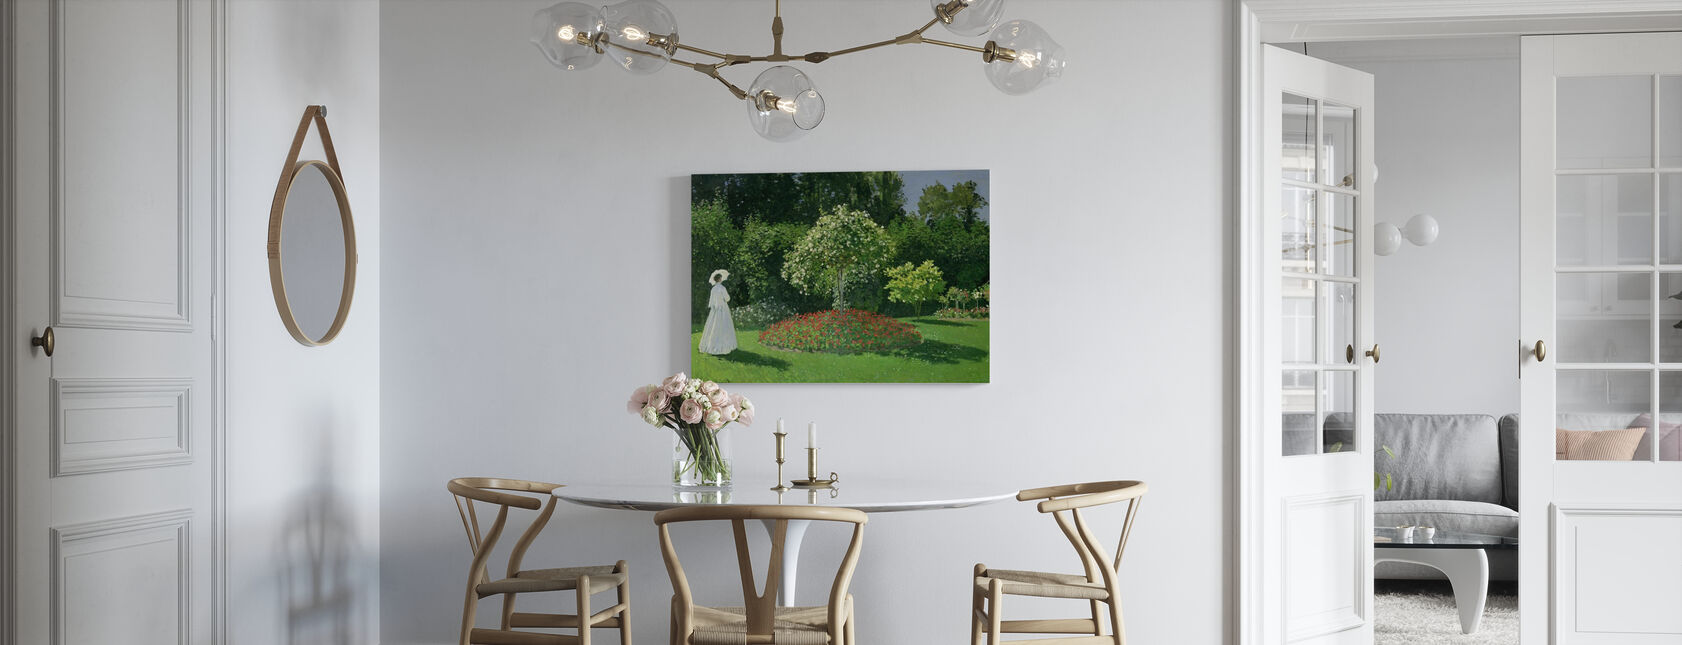 Vrouw in een tuin - Claude Monet - Canvas print - Keuken